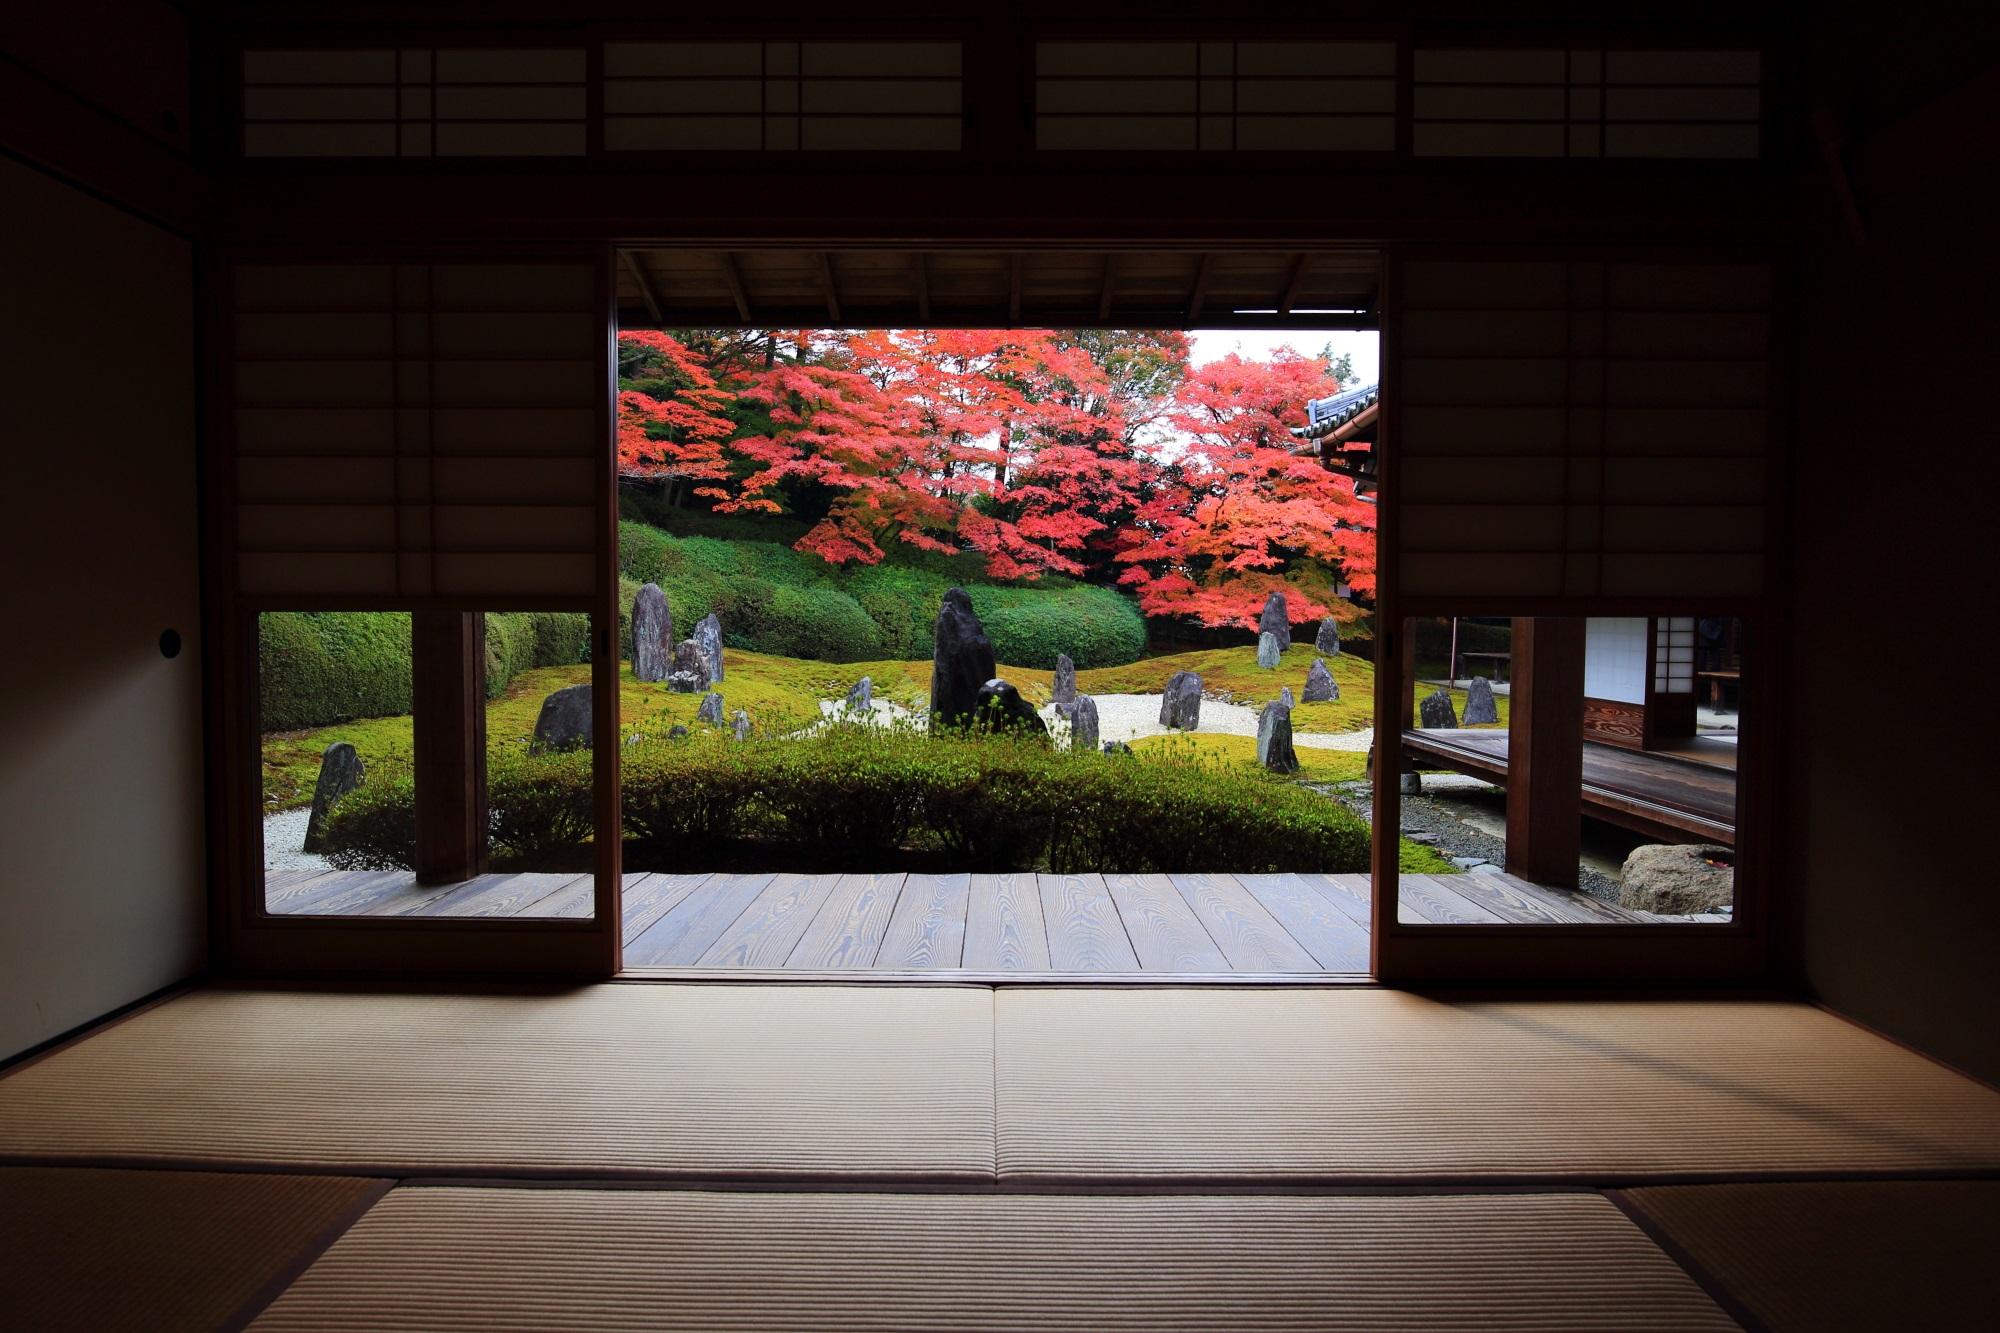 茶室「観庭楼」から眺めた波心庭と紅葉